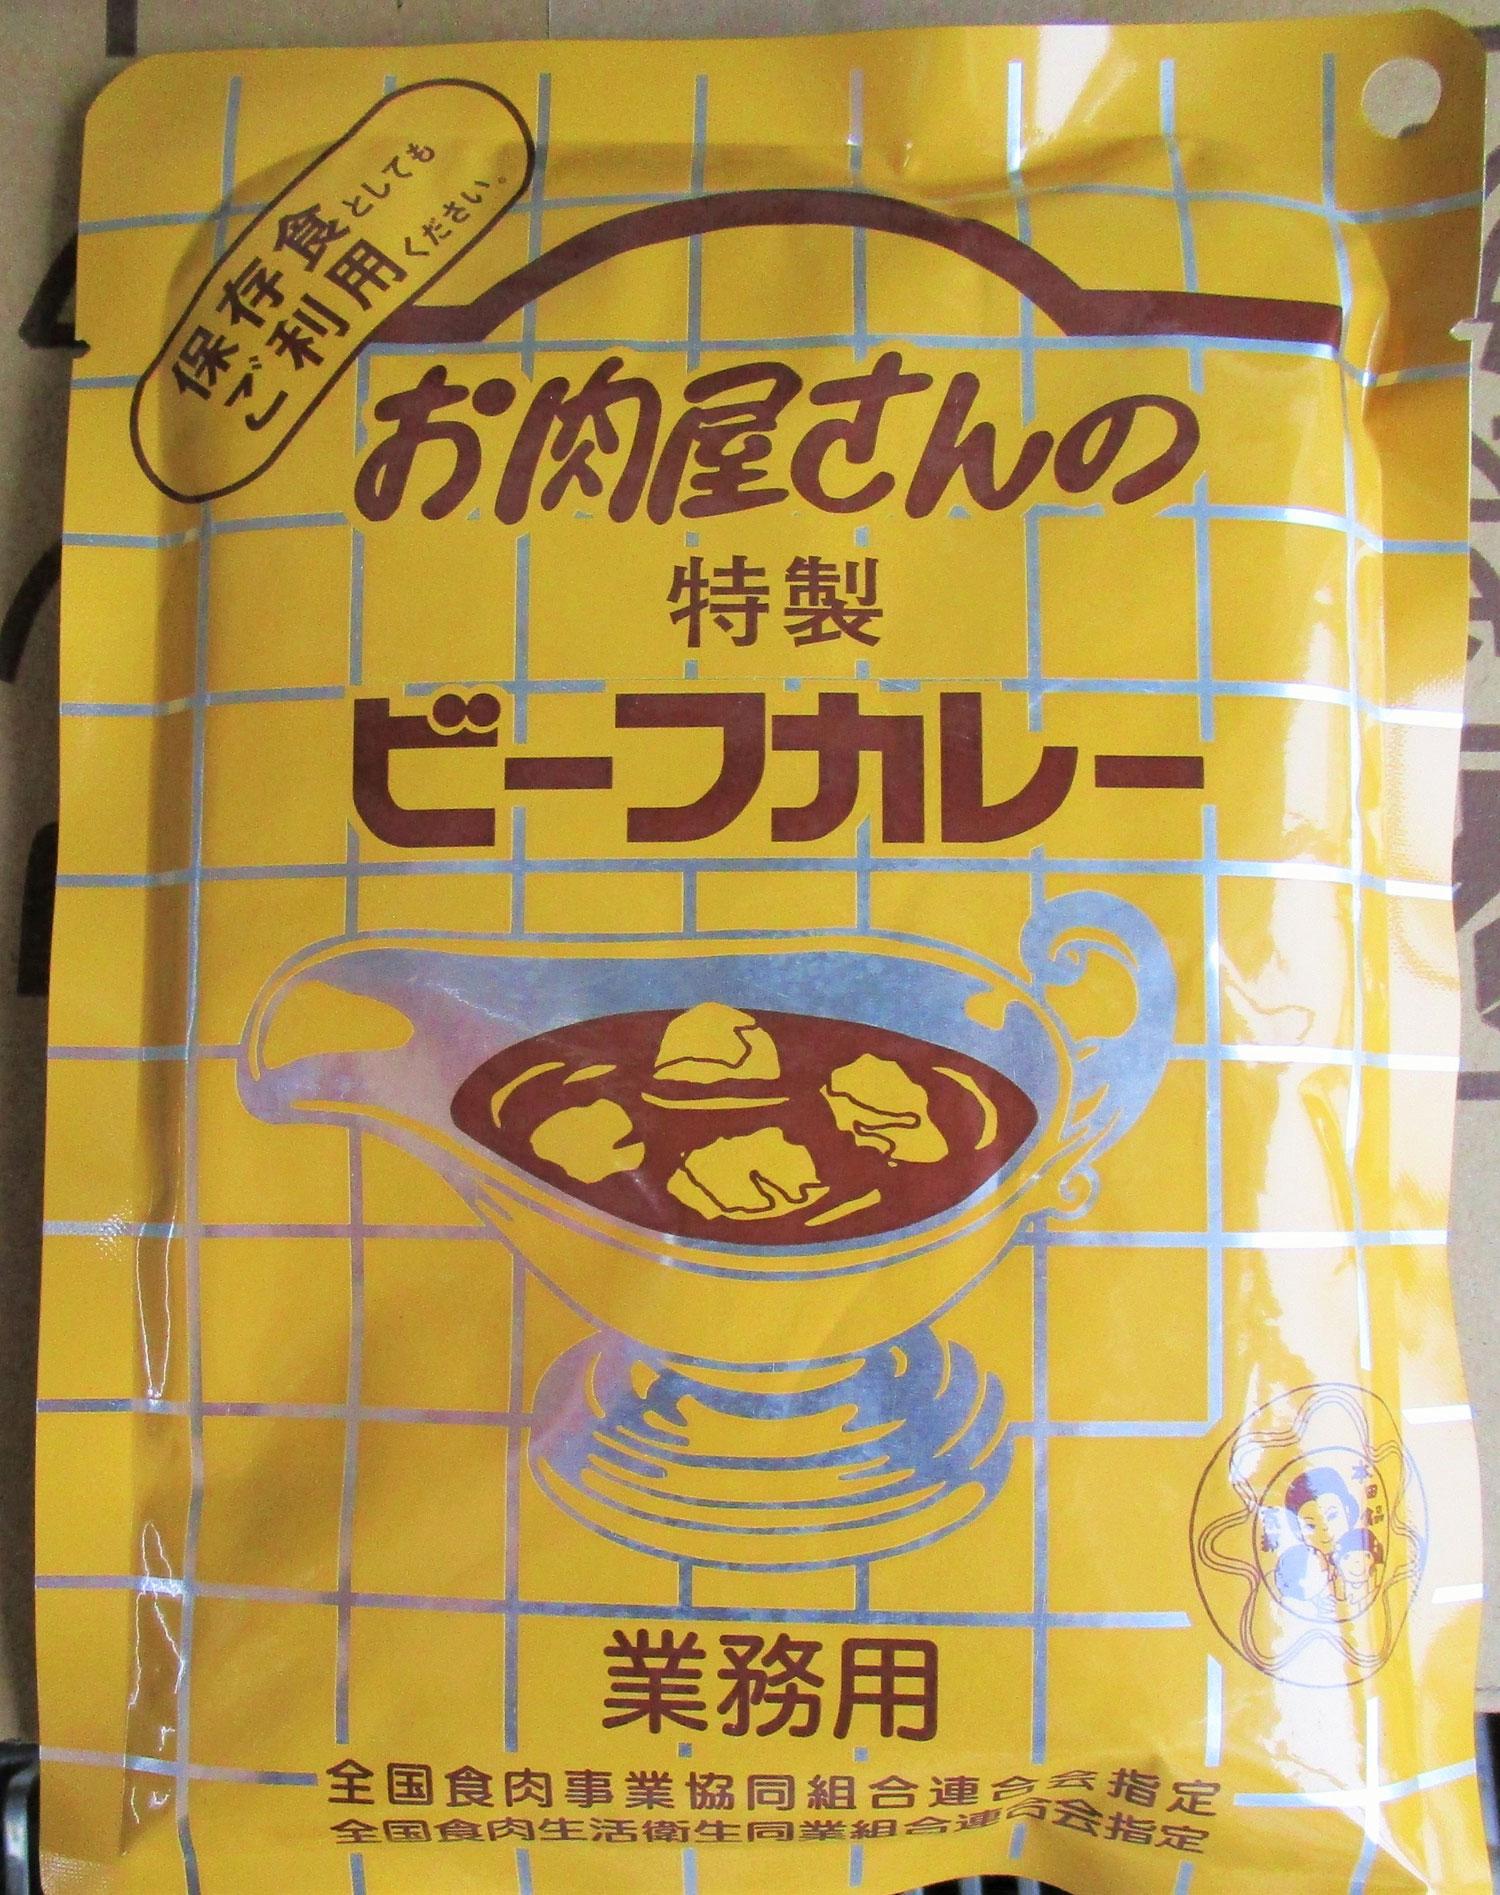 成田精肉店「お肉屋さんの特製ビーフカレー」